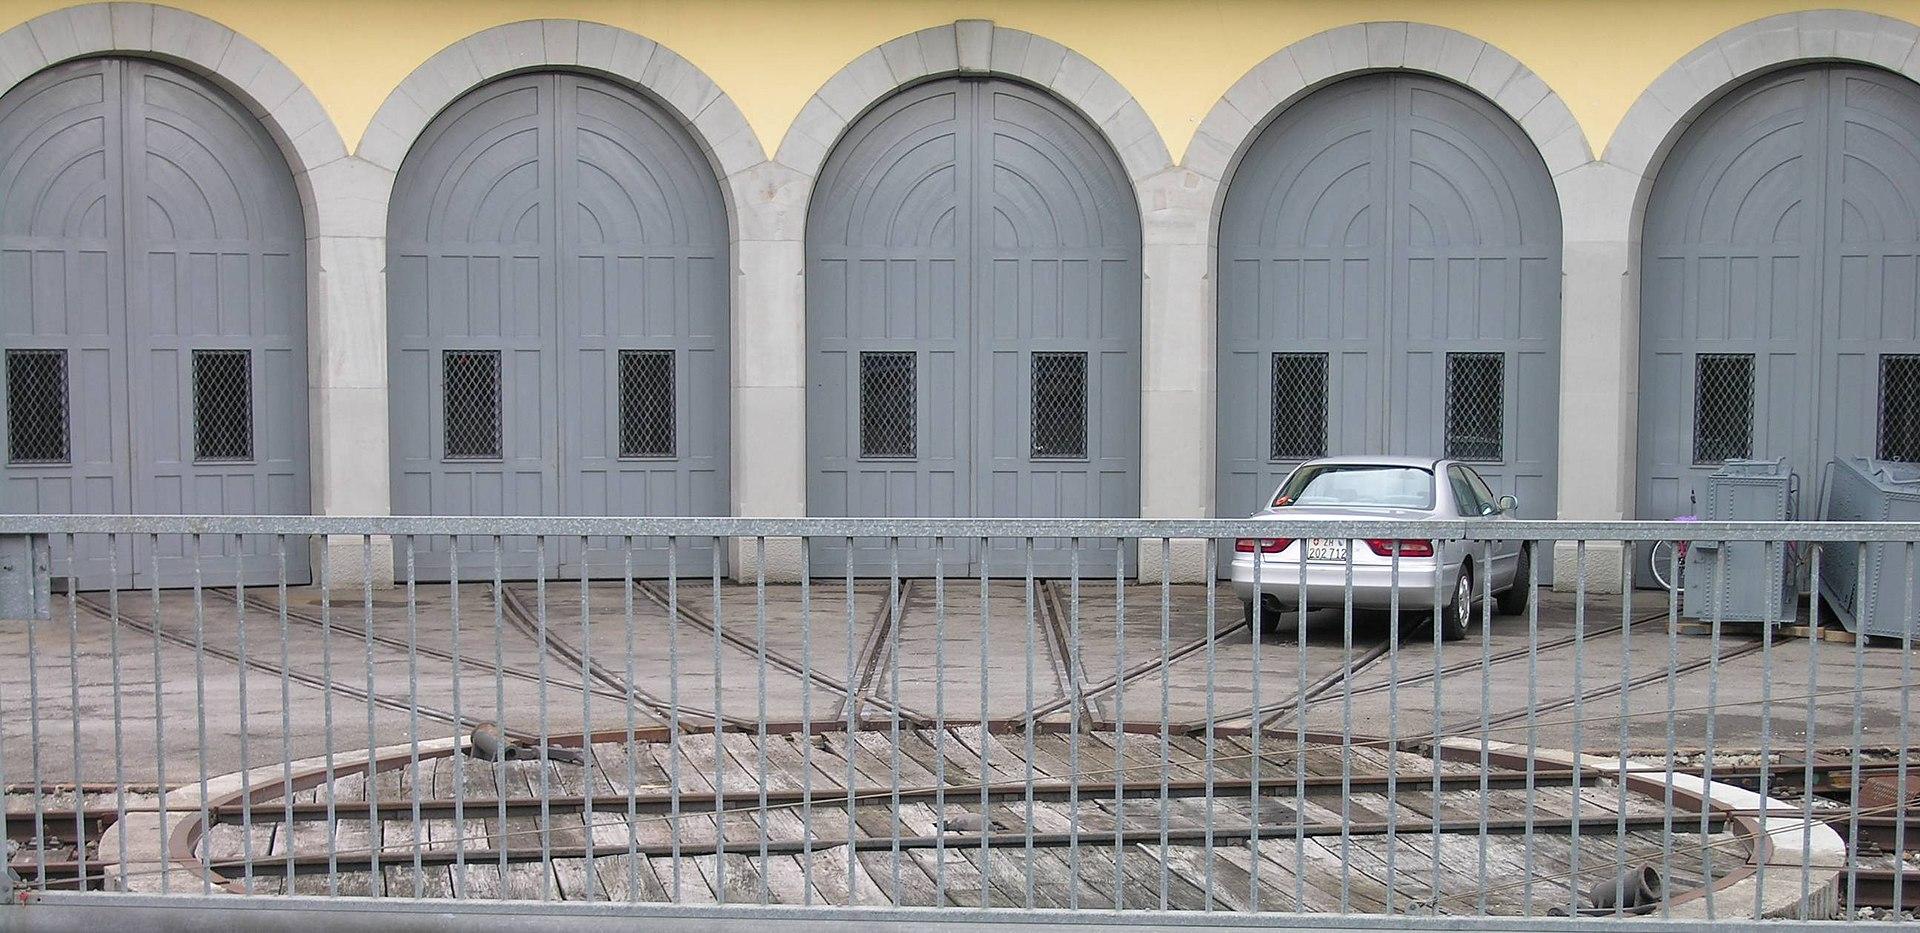 Obrotnica kolejowa wikipedia wolna encyklopedia - Porte de garage wikipedia ...